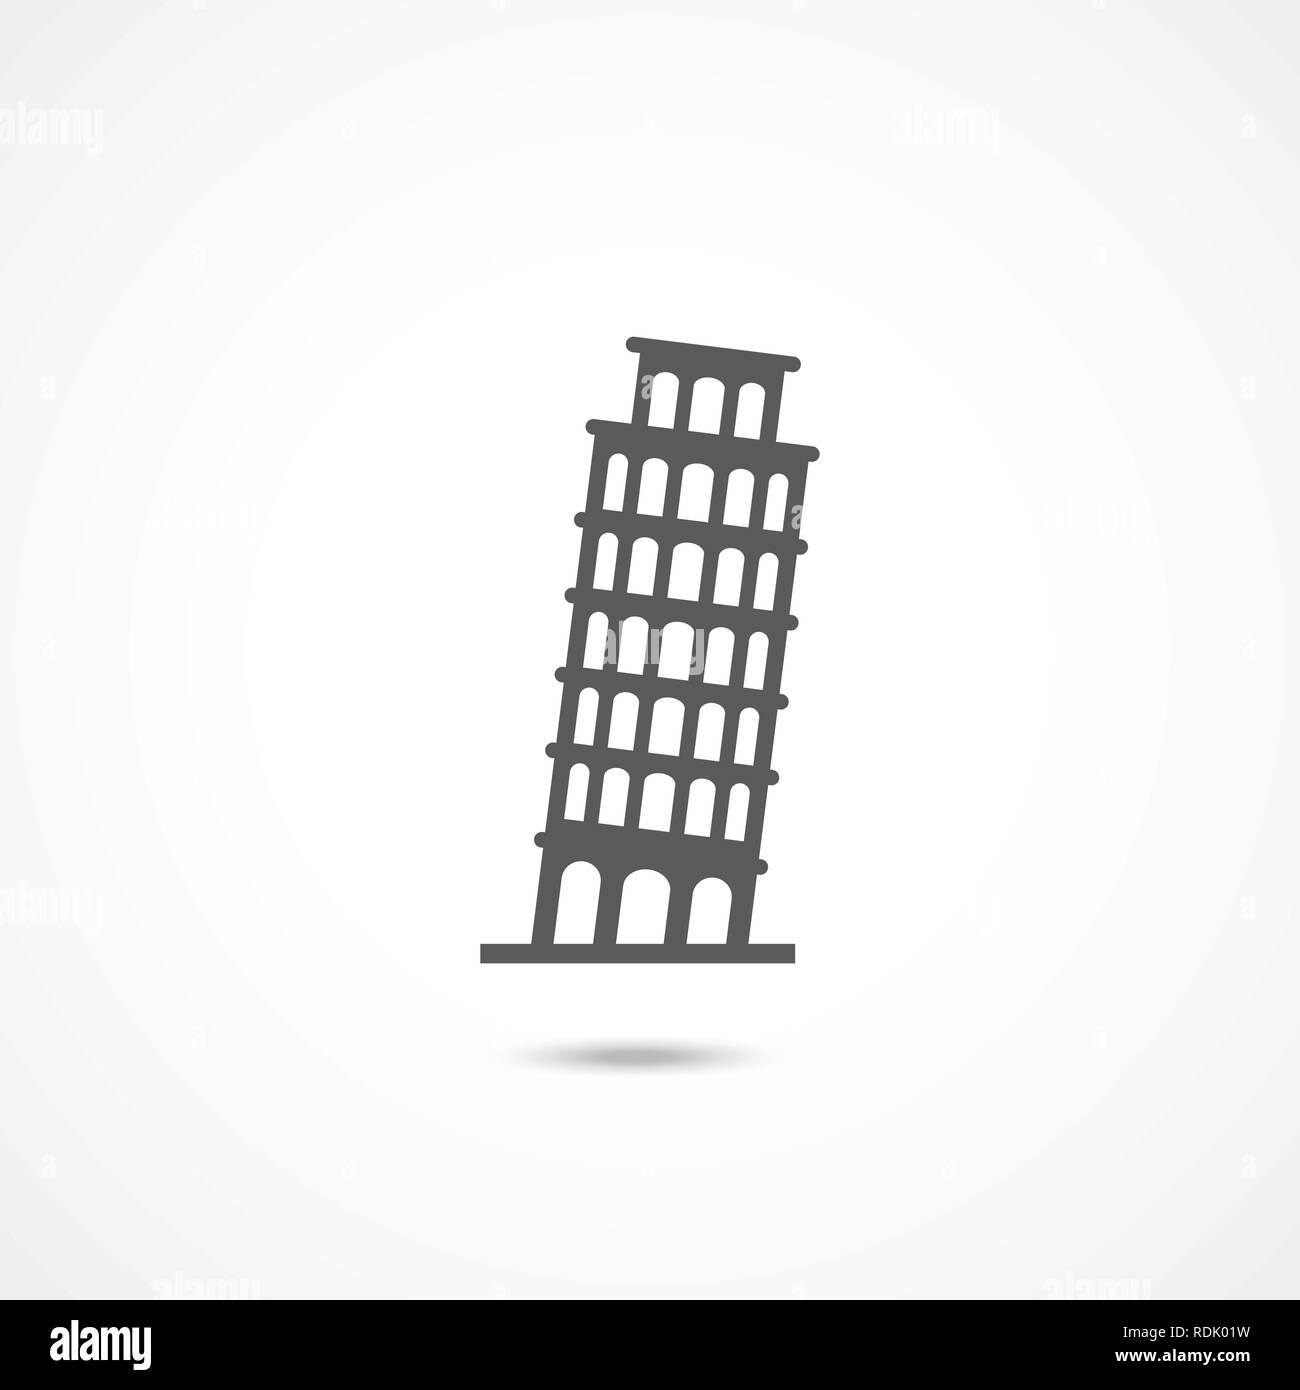 Pisa Tower icon - Stock Vector